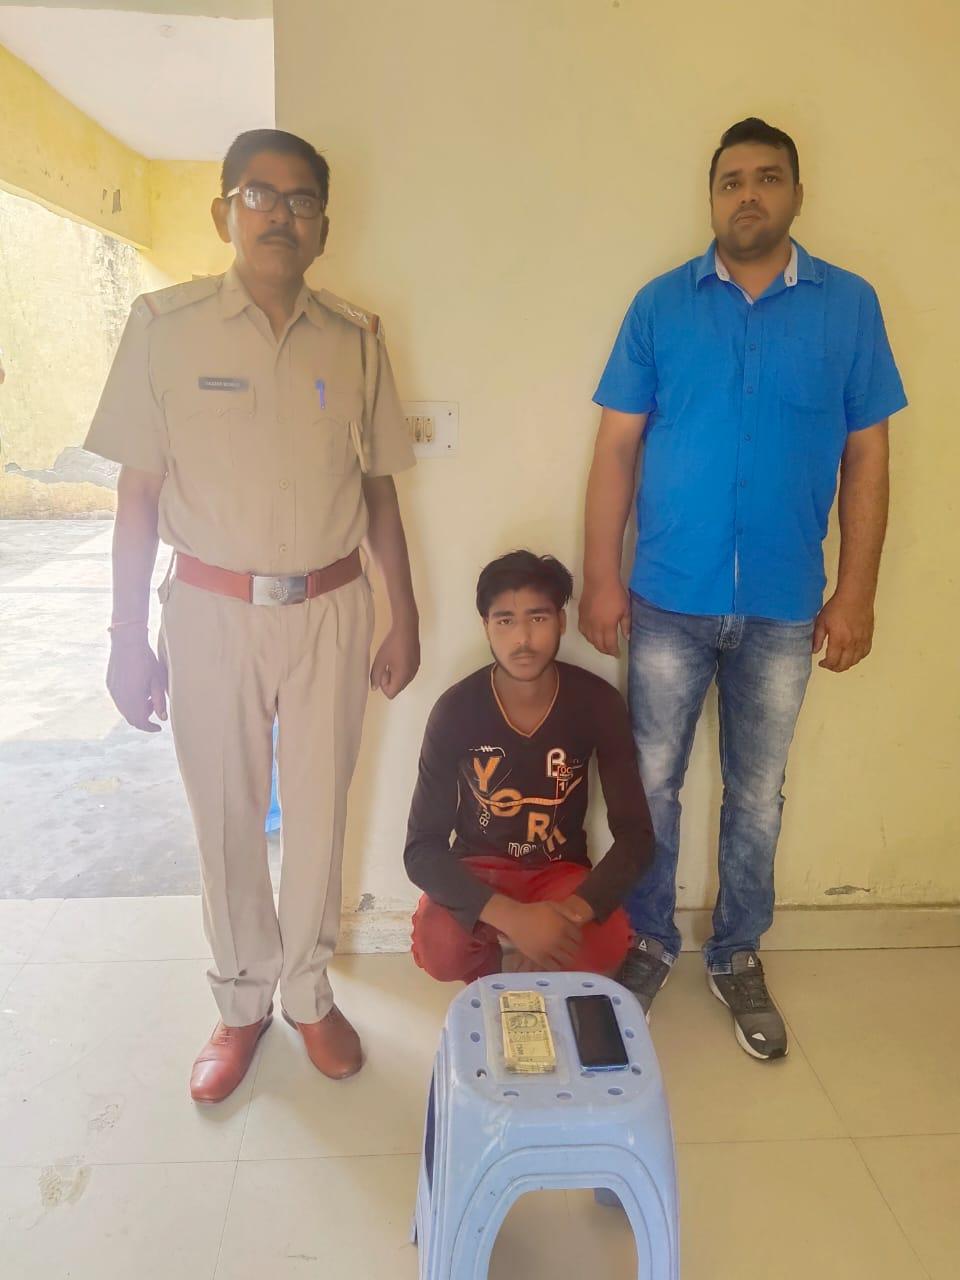 लालच और कर्ज के चलते नारियल पानी बेचने वाला बना लुटेरा, पुलिस ने भेजा जेल|फरीदाबाद,Faridabad - Dainik Bhaskar